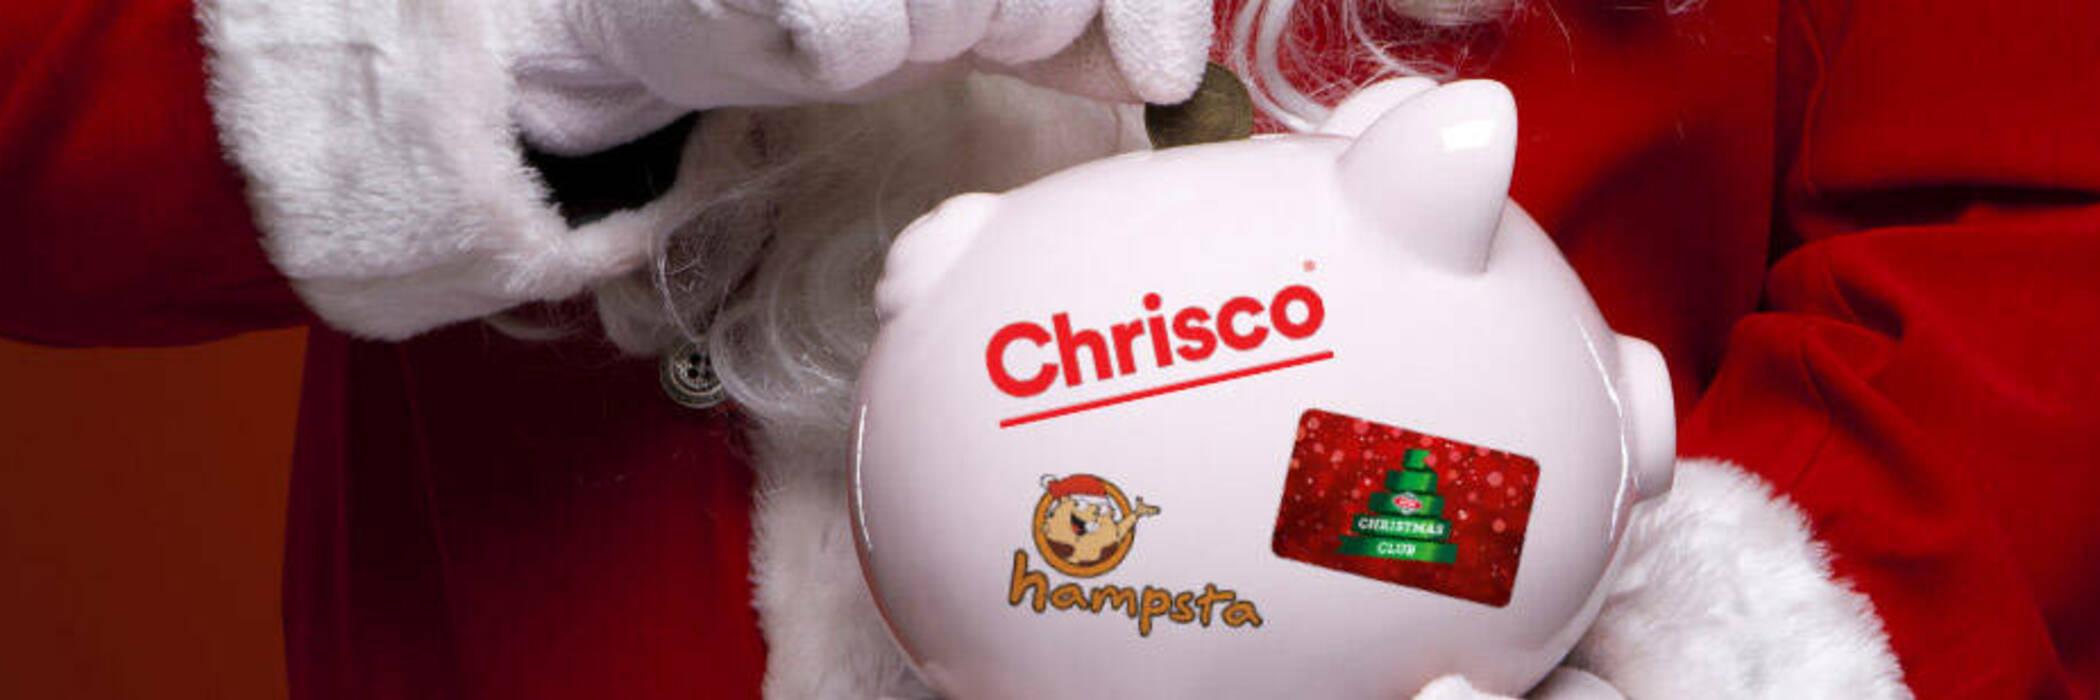 Santa and savings bank